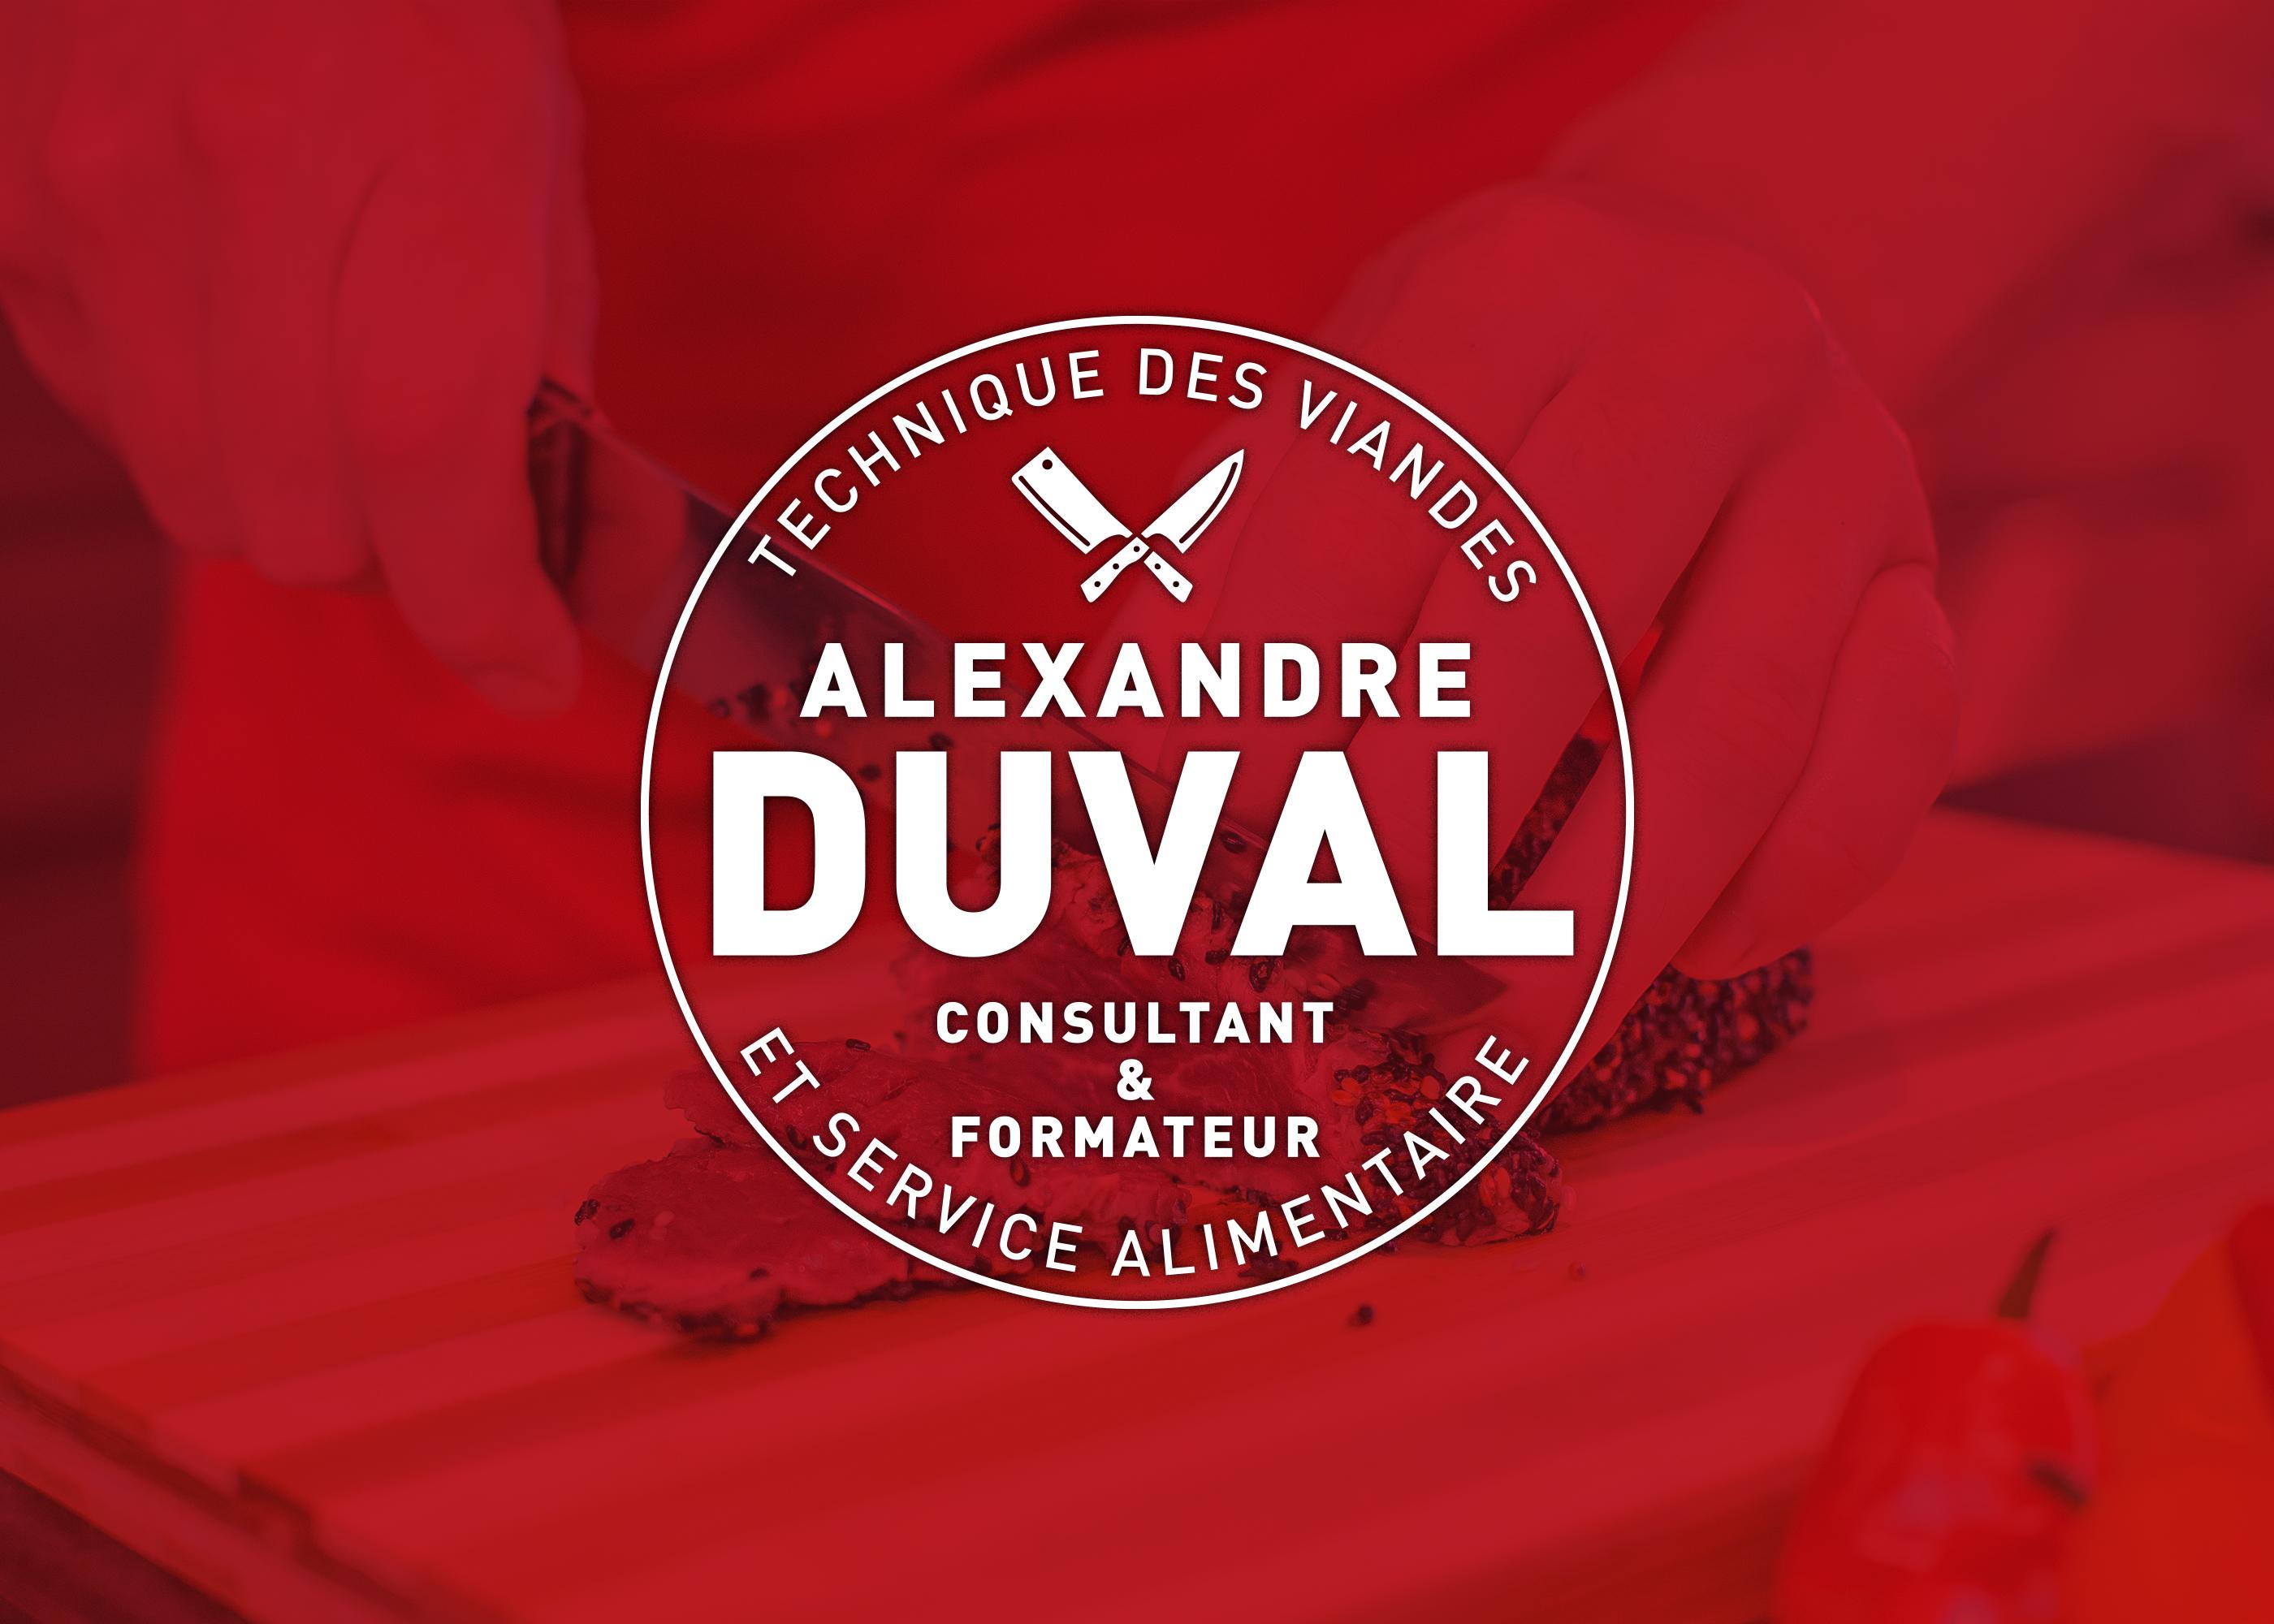 Logo Duval renversé sur fond rouge